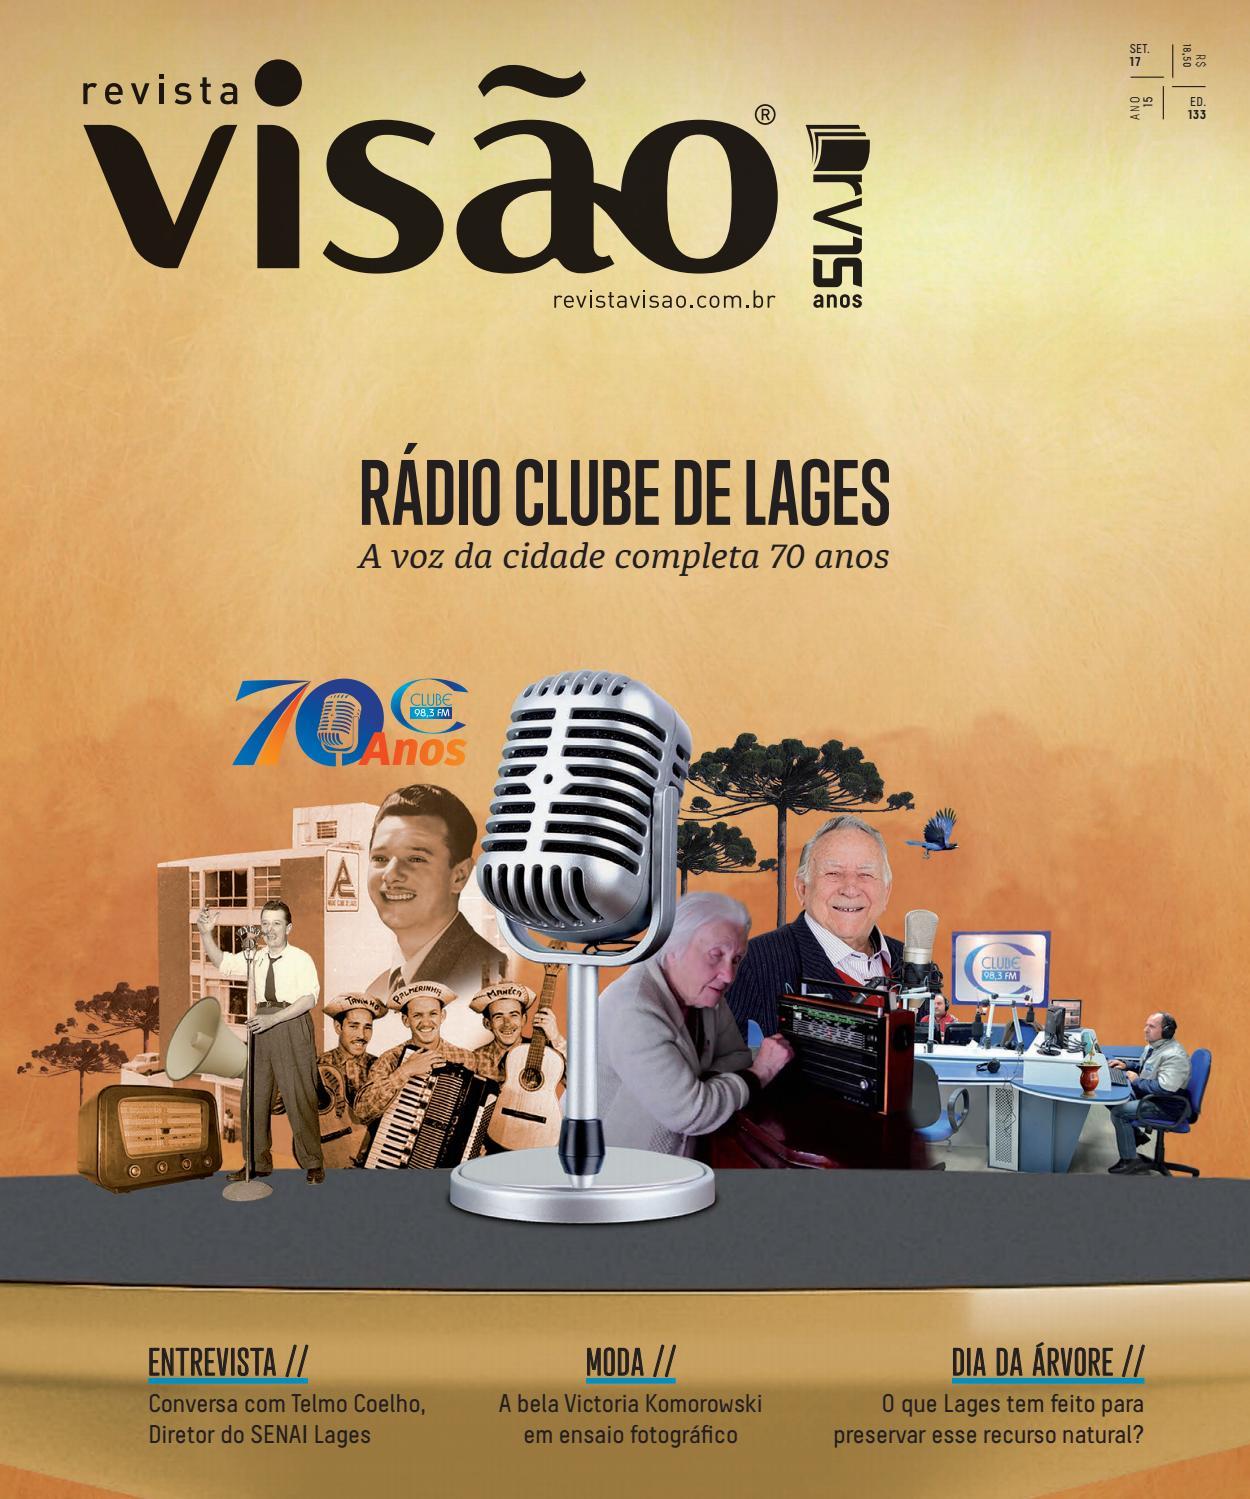 Revista Visão - Setembro 2017 - Edição  133 by Revista Visão - issuu 055c8a7189001